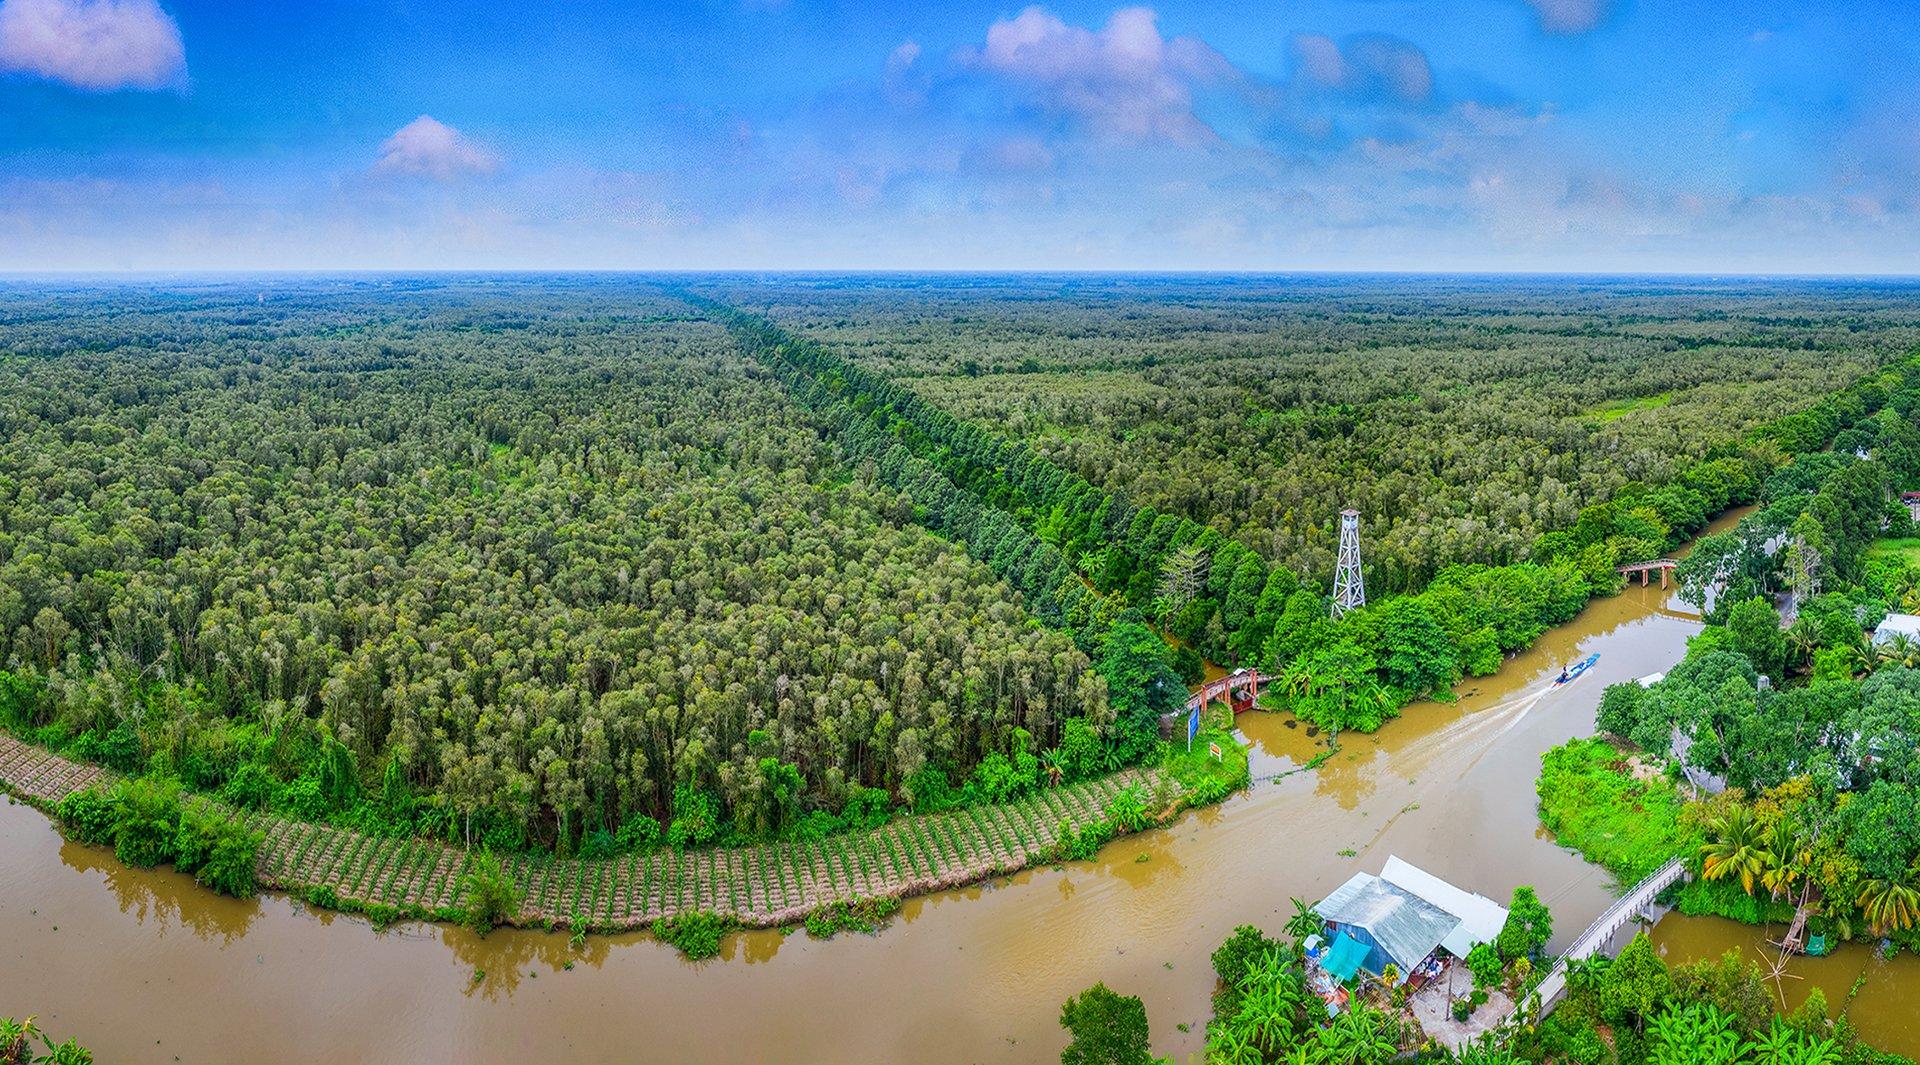 Lung Ngọc Hoàng là vùng đất ngập nước rộng 2.800 ha, thuộc huyện Phụng Hiệp, Hậu Giang.